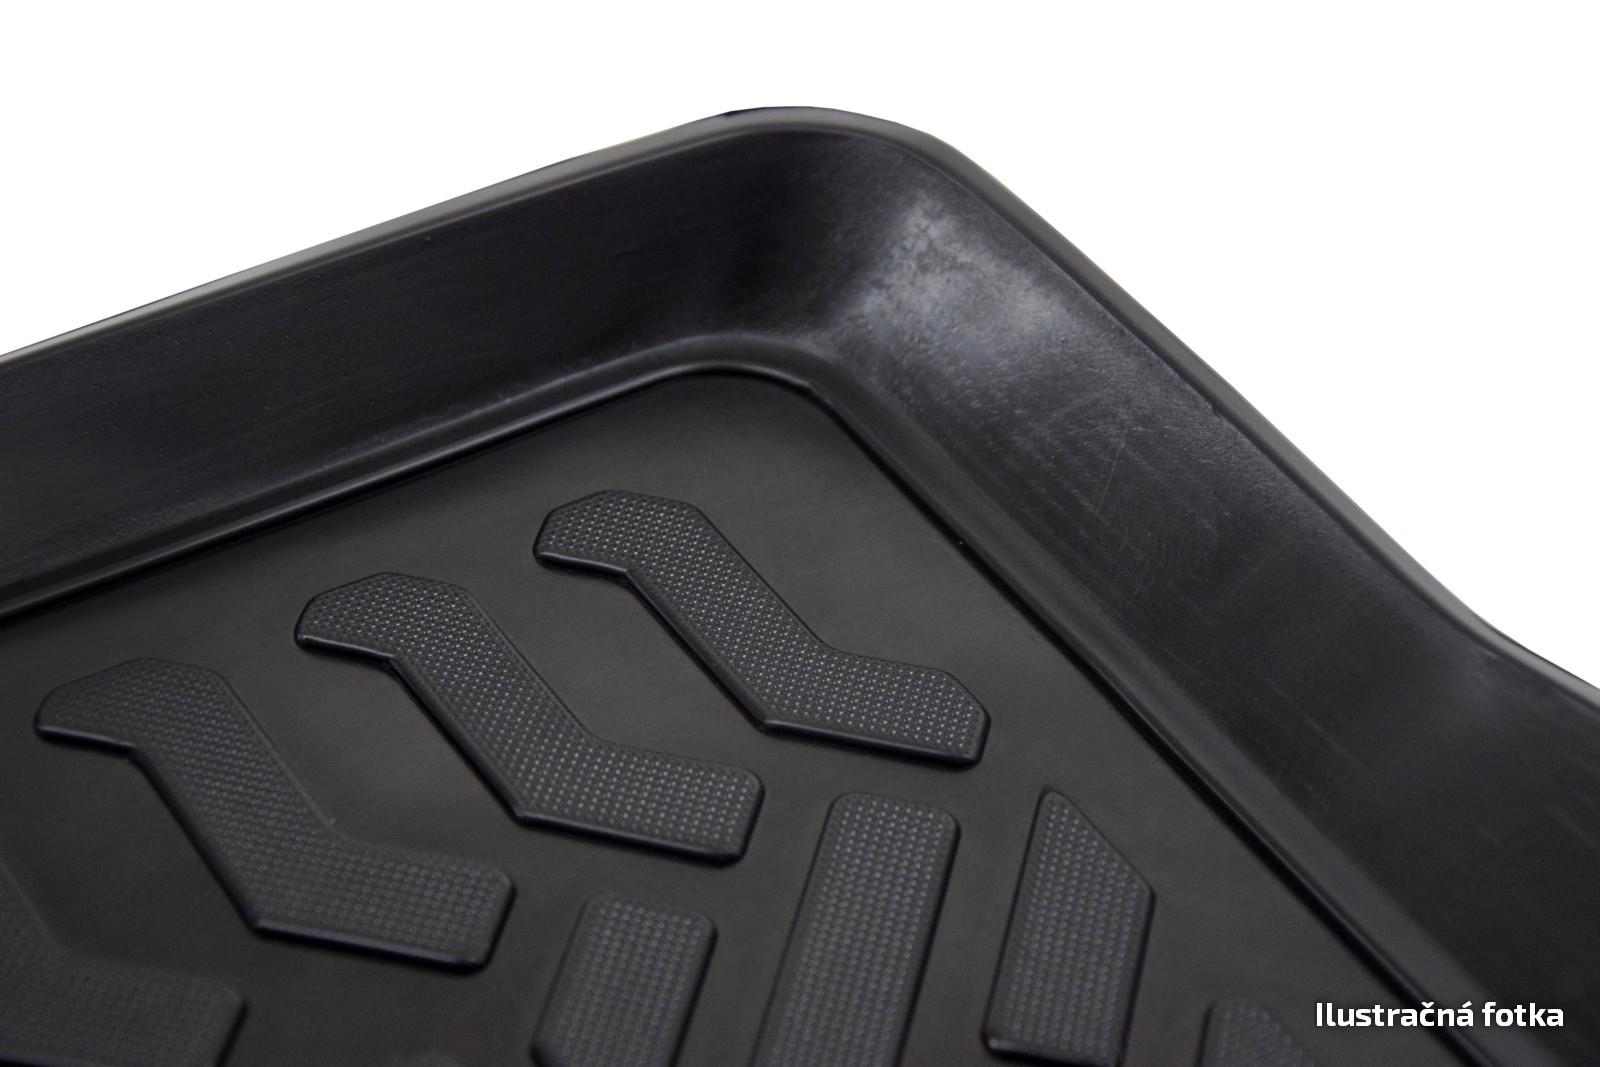 Poza cu Tavita de portbagaj Premium, Suzuki Swift, 2010-2017